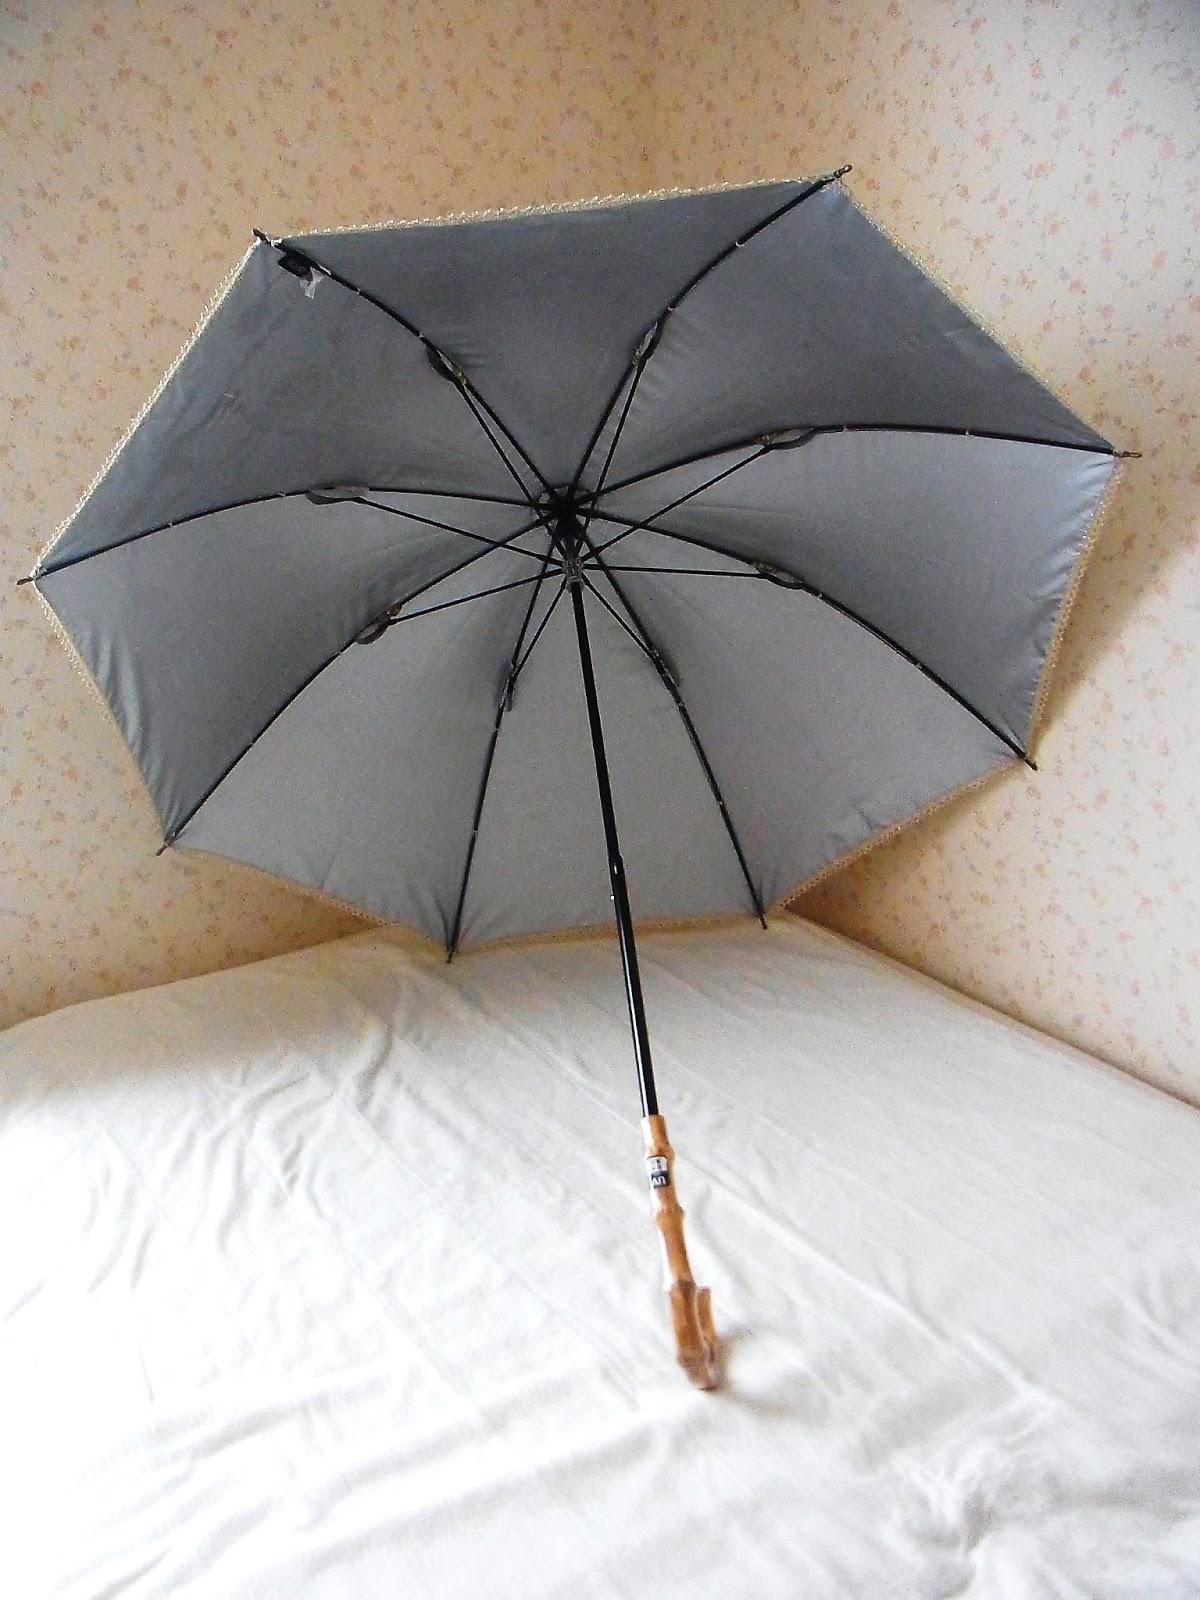 東海道(HN)の小さな日常: 買い物1・日傘とレインシューズとショール